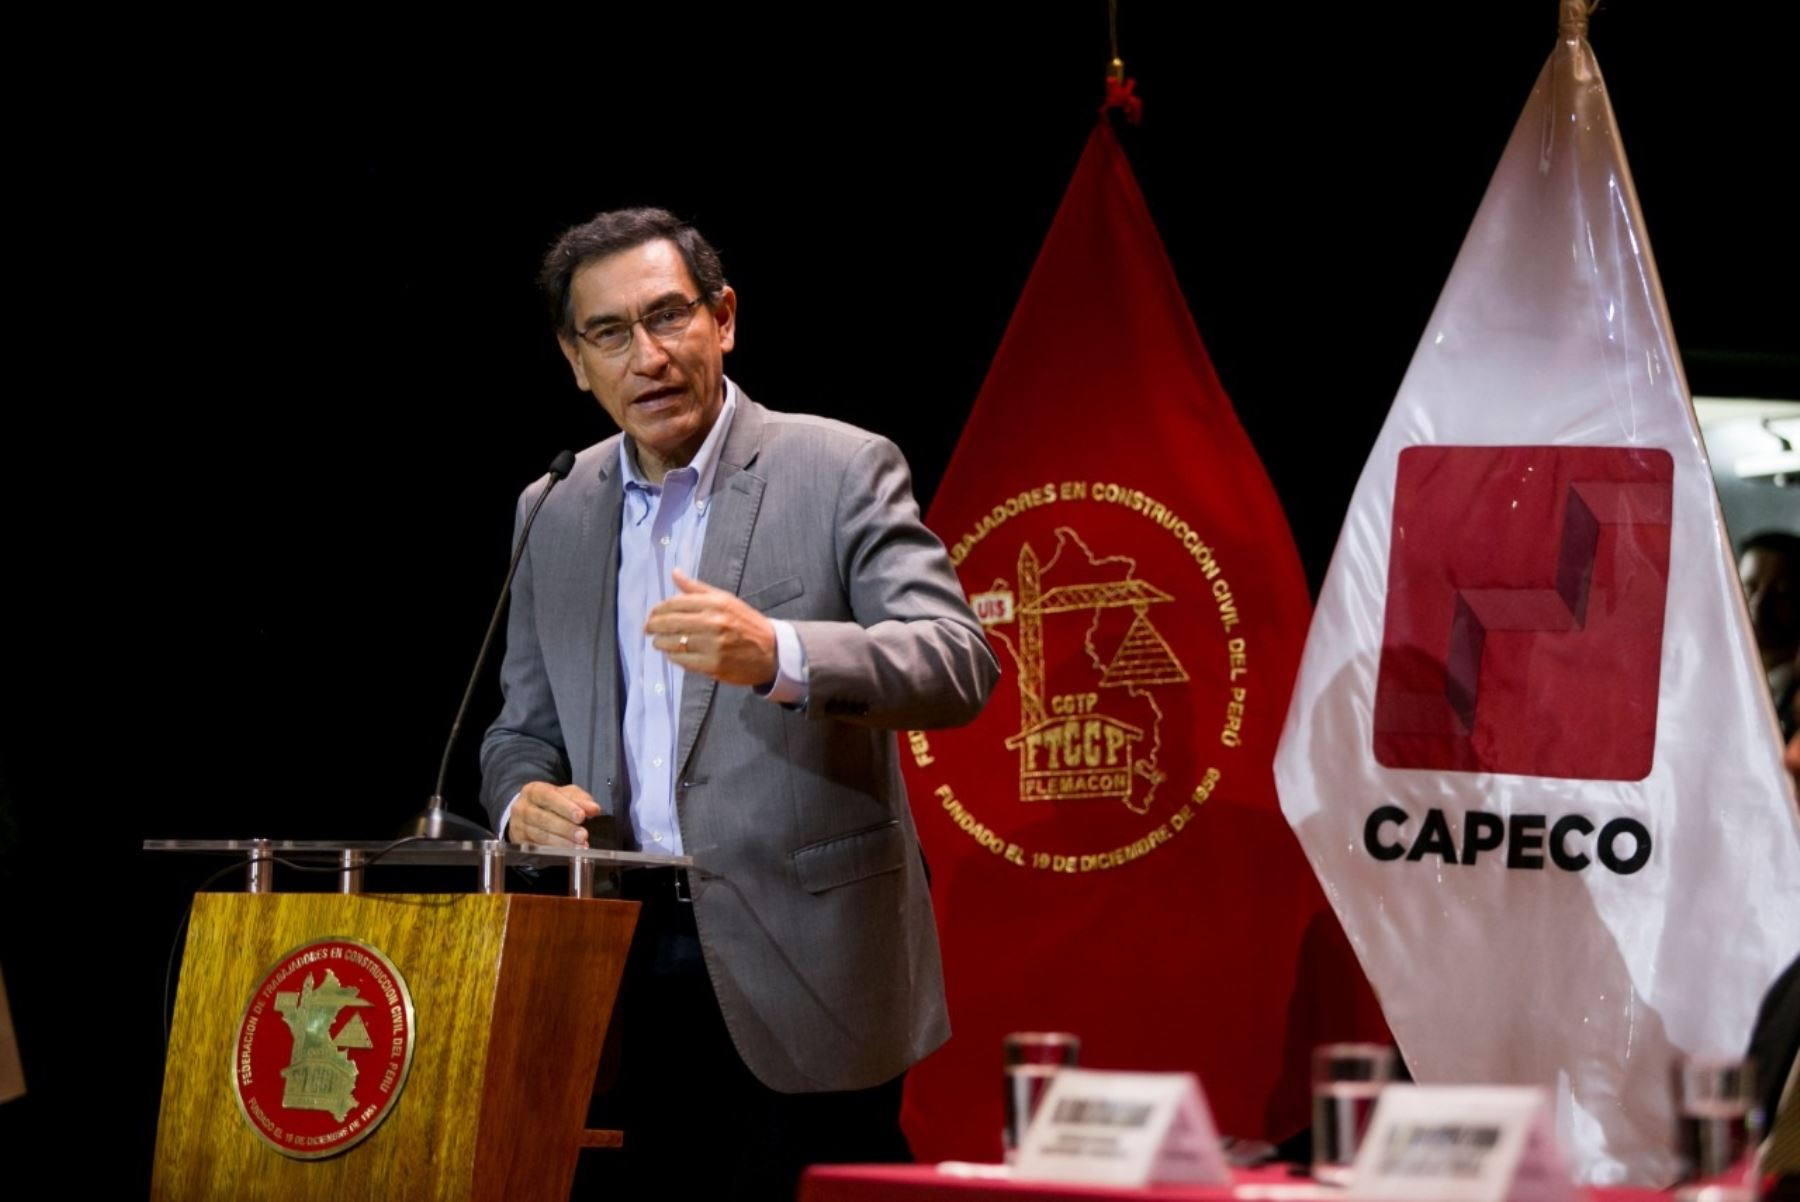 Presidente Martín Vizcarra asiste a firma de convenio colectivo entre Capeco y Trabajadores en construcción civil.